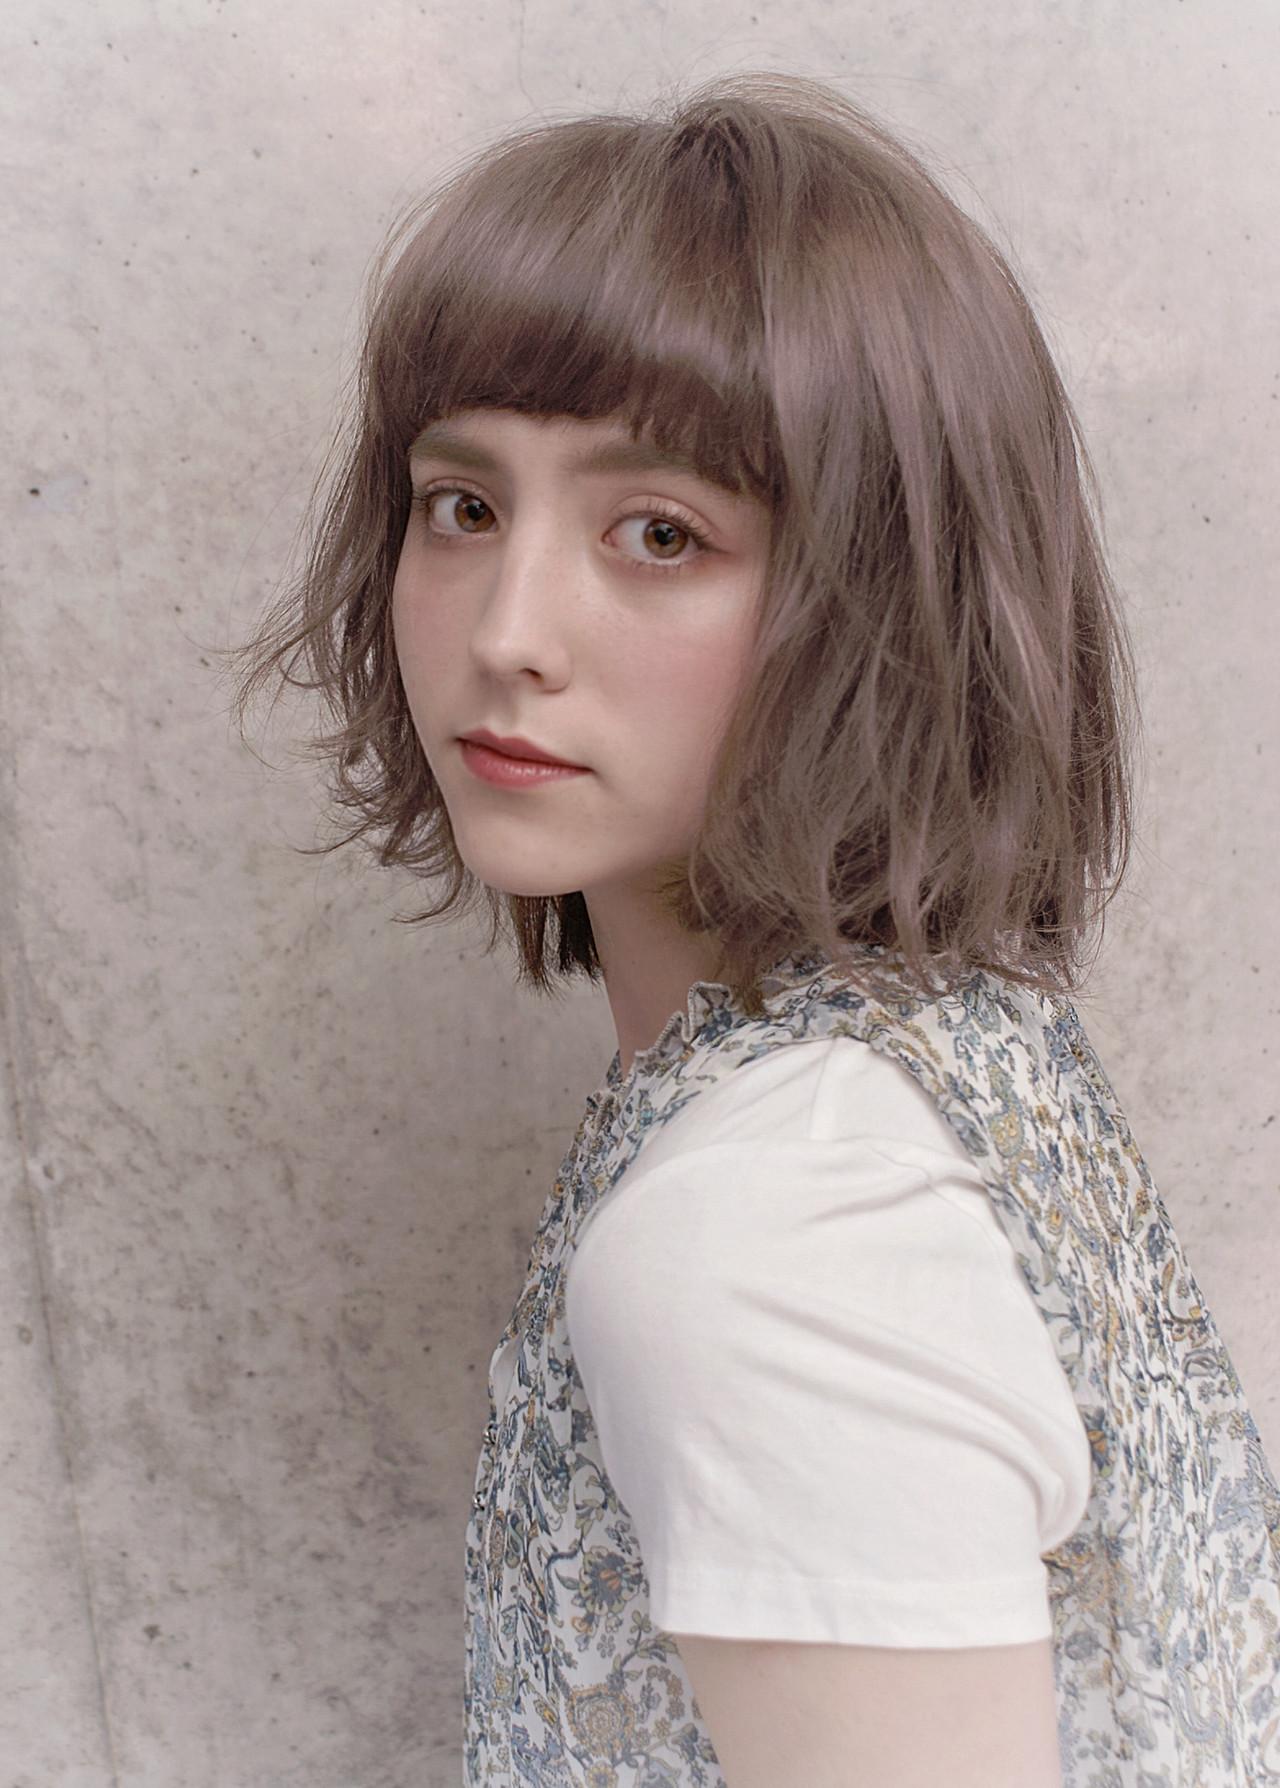 スタイリング アンニュイほつれヘア 外ハネボブ フェミニン ヘアスタイルや髪型の写真・画像